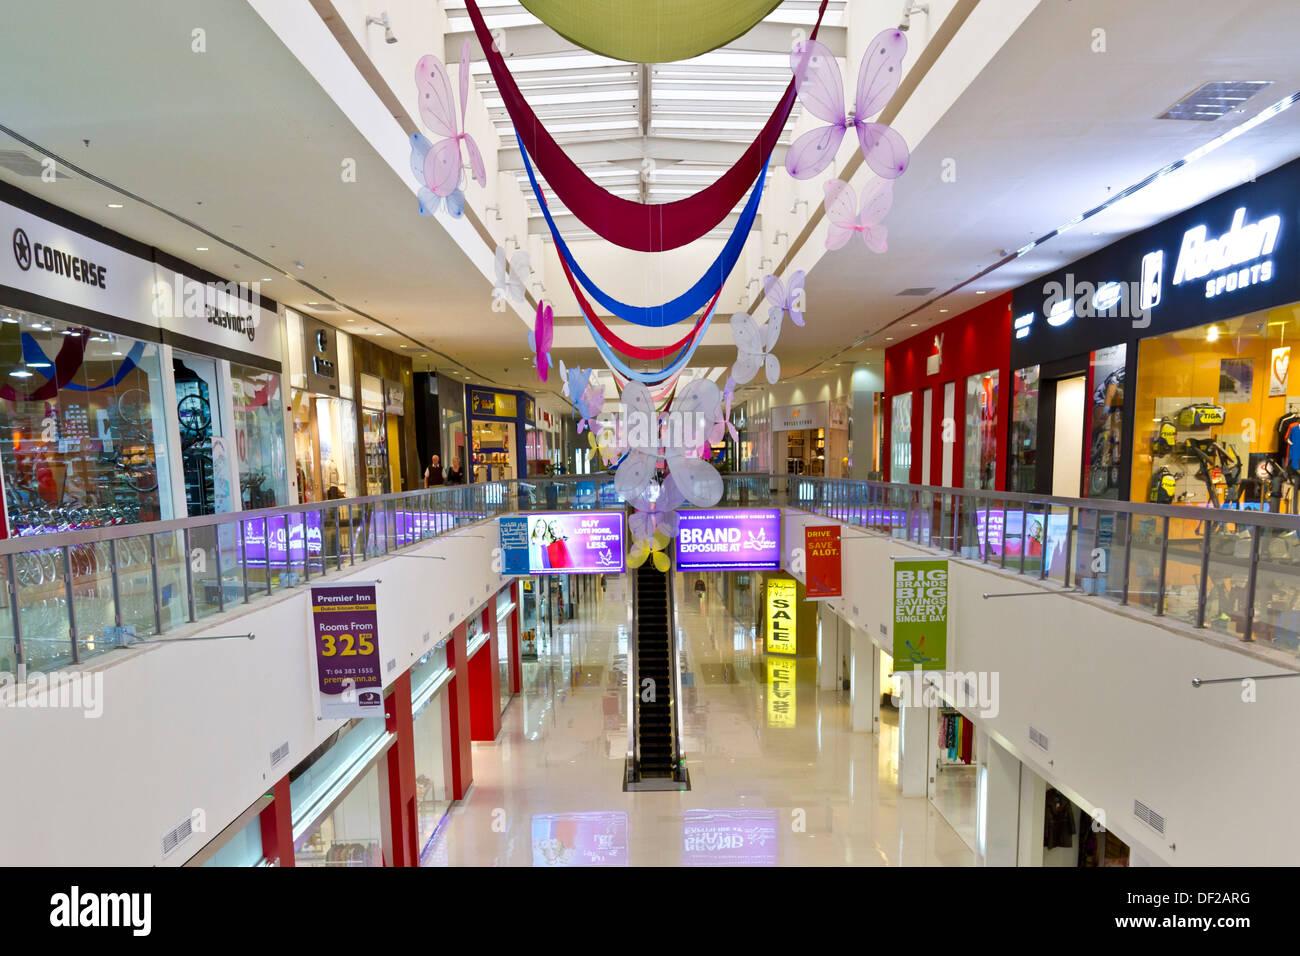 uusi elämäntapa yksinoikeudella käsitellään paras verkkosivusto The interior decor of the Dubai Outlet Mall in Dubai, UAE ...